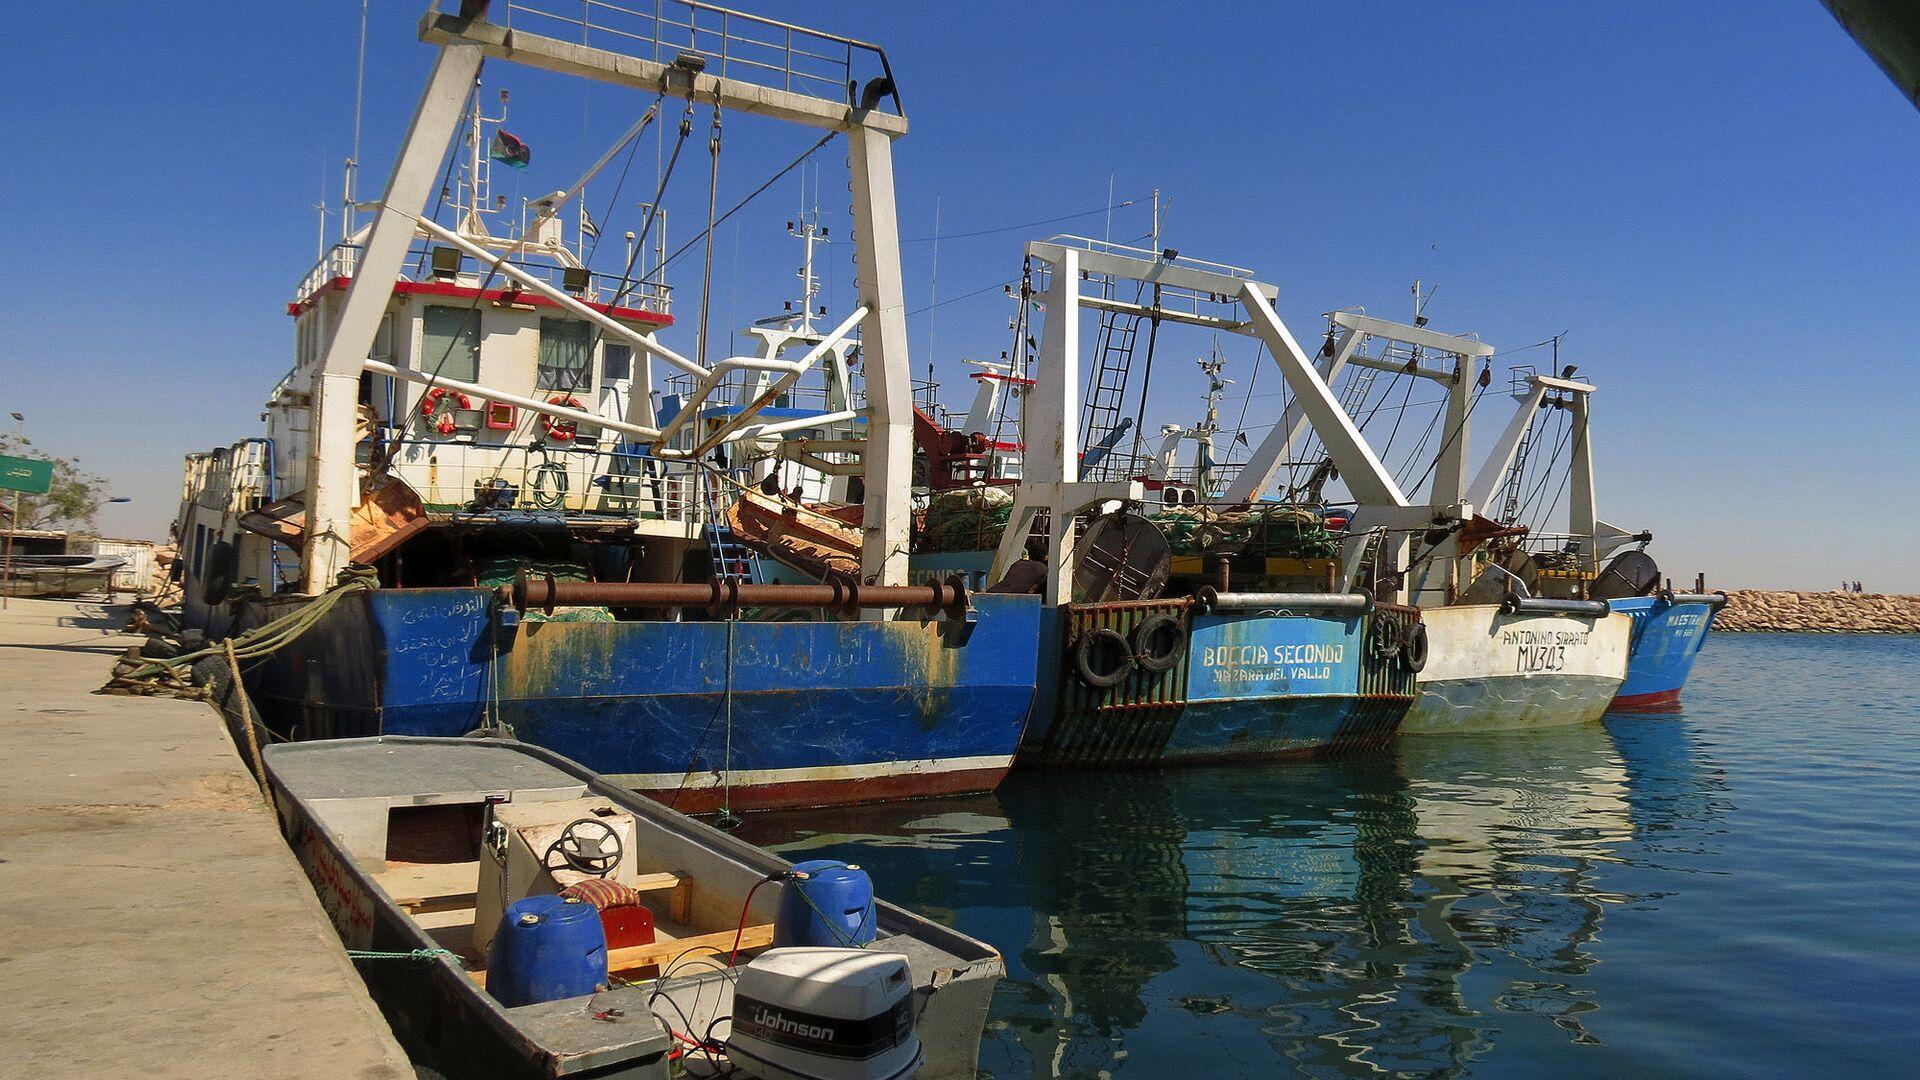 Pescherecci nel porto di Bengasi, Libia - Sputnik Italia, 1920, 19.05.2021